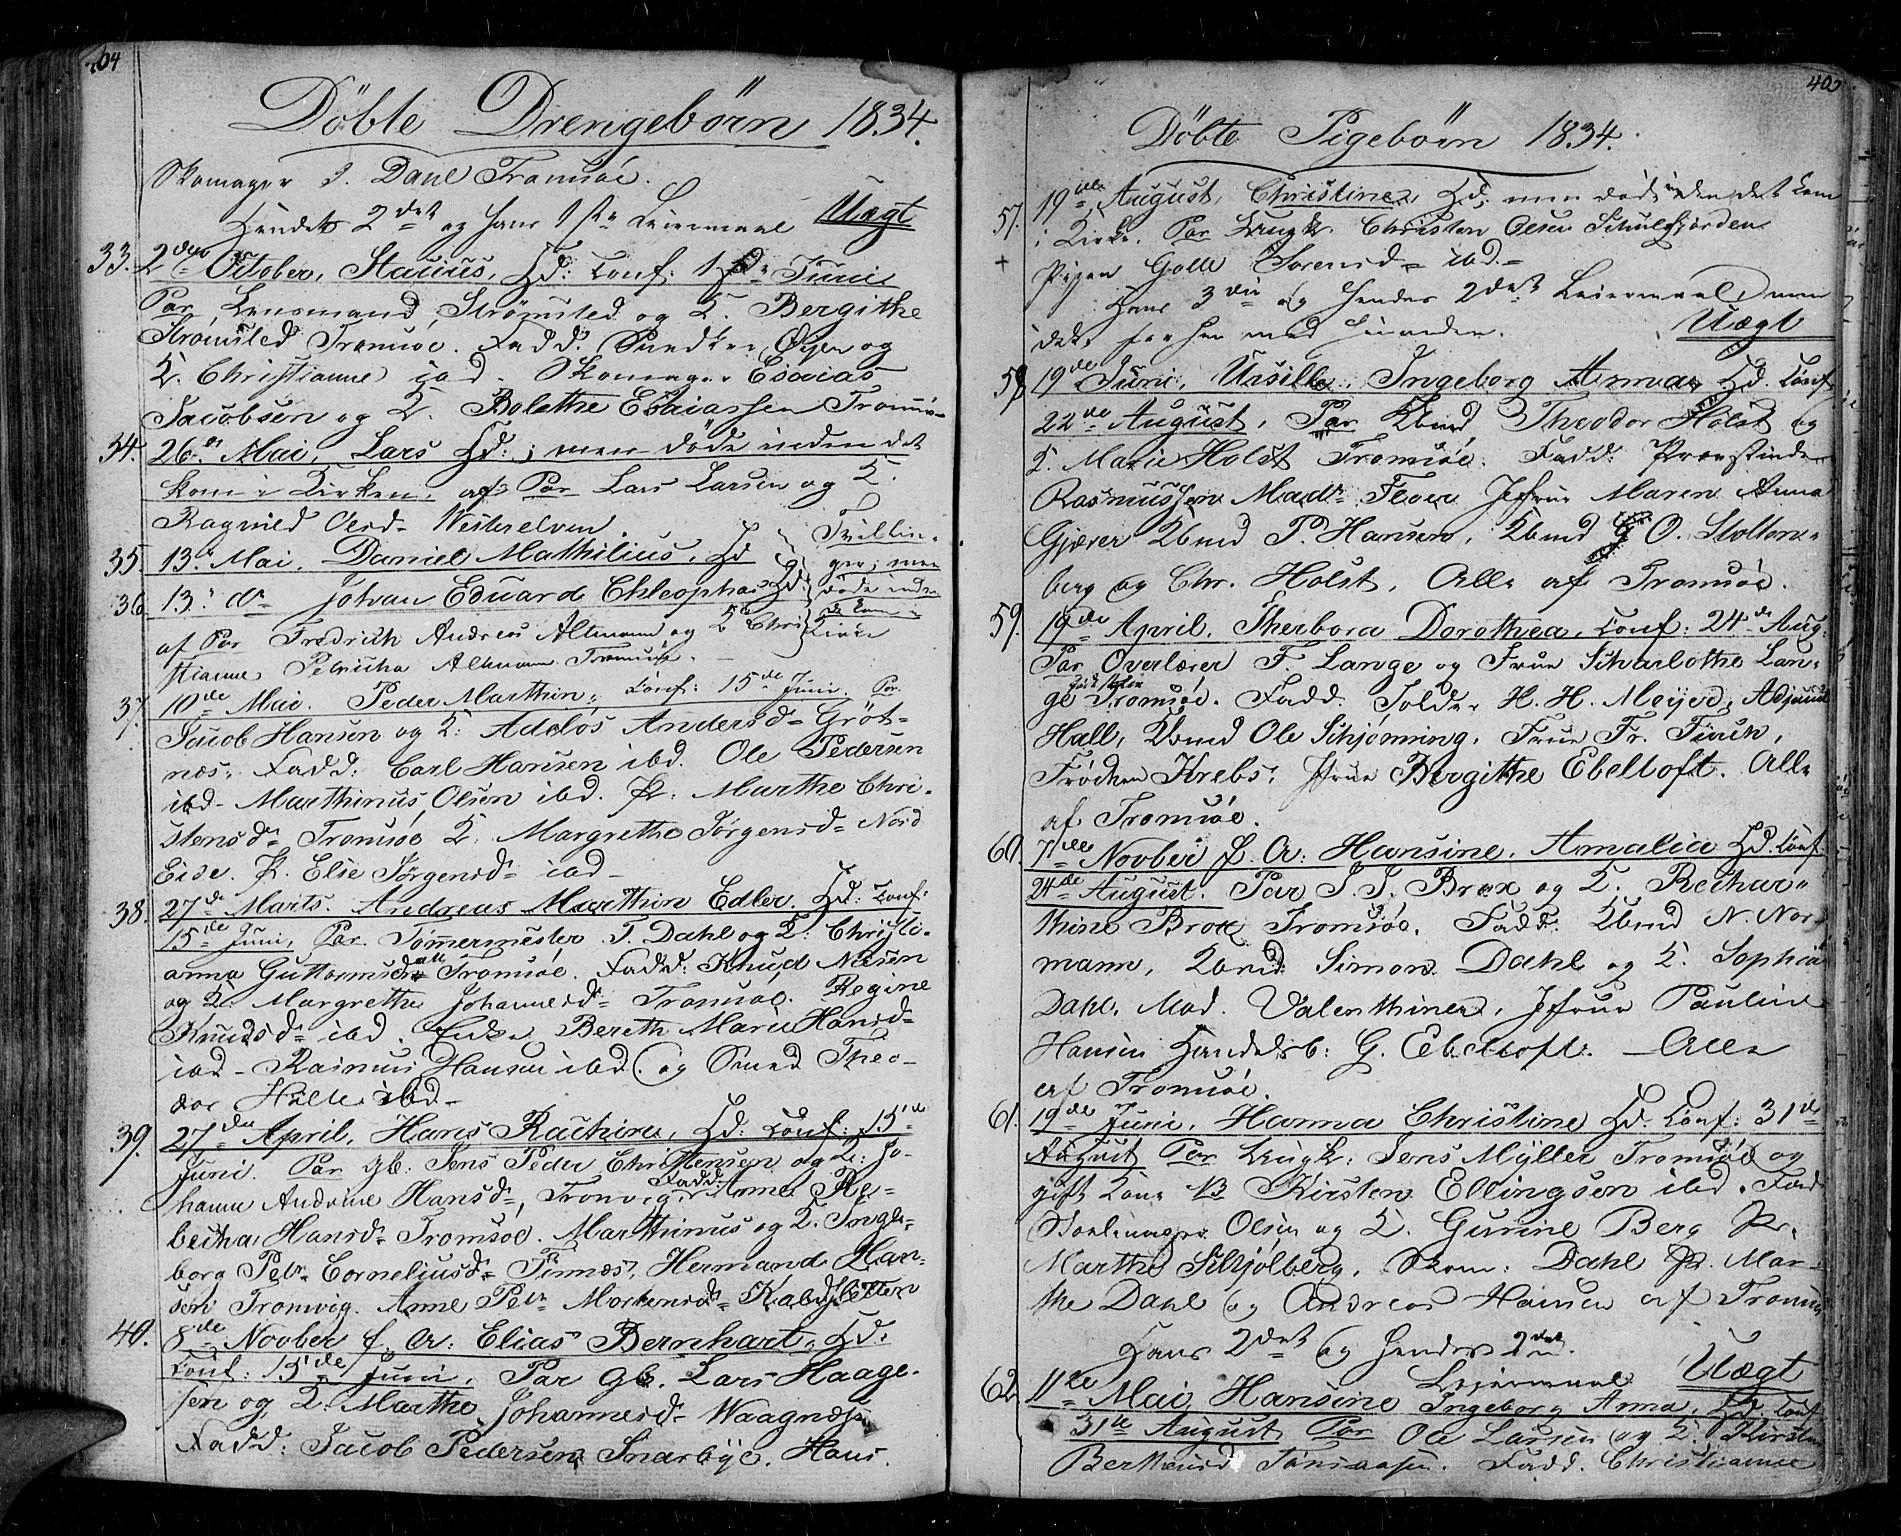 SATØ, Tromsø sokneprestkontor/stiftsprosti/domprosti, G/Ga/L0008kirke: Ministerialbok nr. 8, 1829-1837, s. 404-405